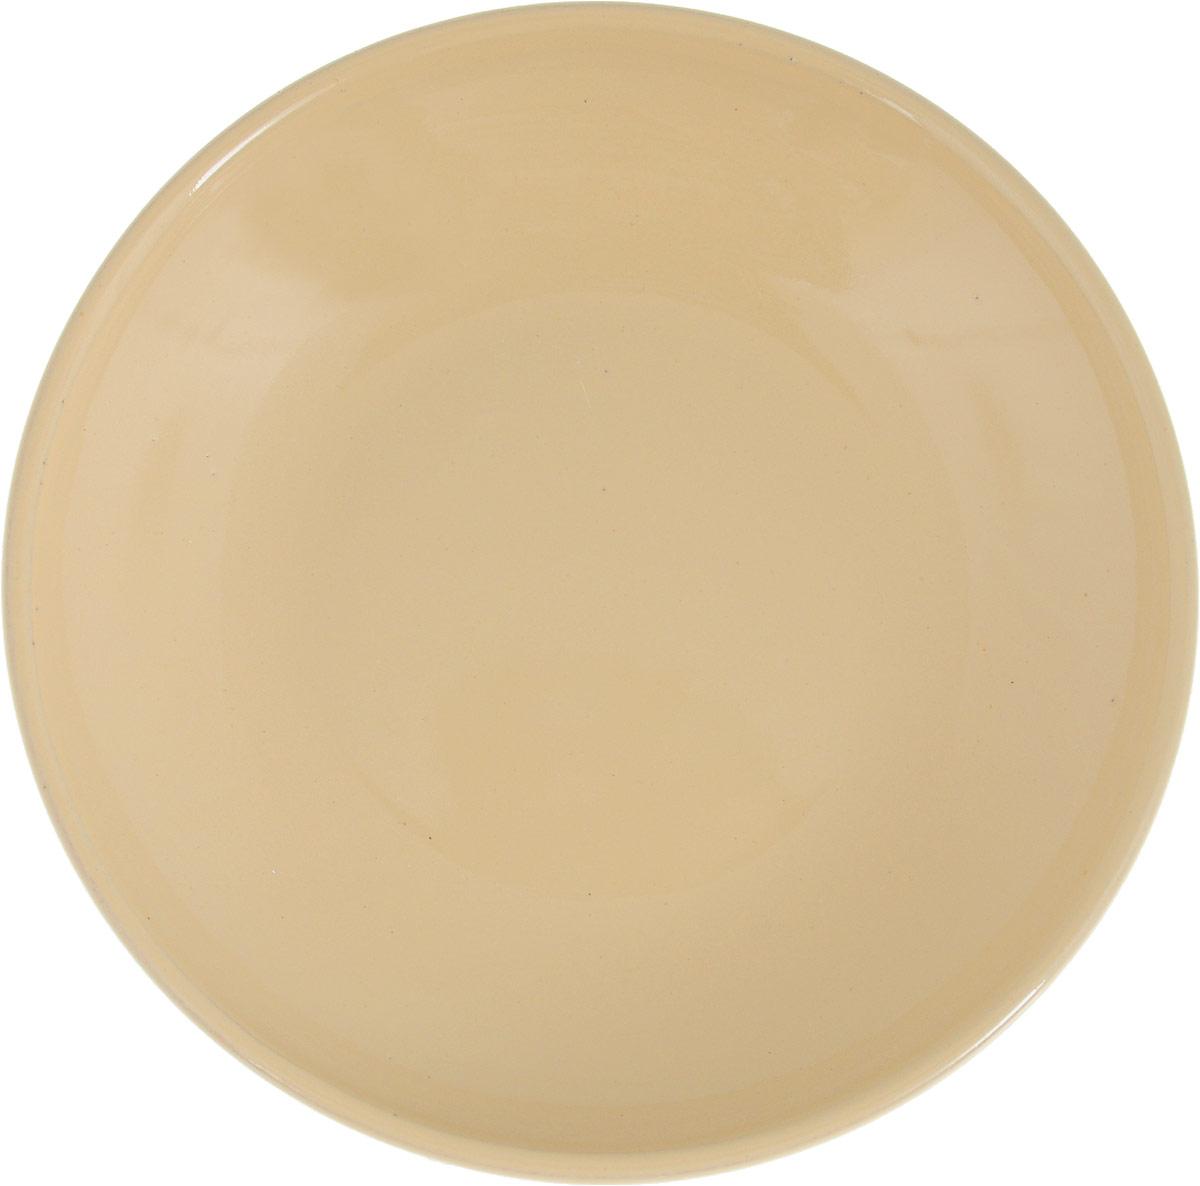 Фото - Блюдце Борисовская керамика Радуга, цвет: бежевый, диаметр 10 см блюдце борисовская керамика радуга цвет темно серый диаметр 10 см